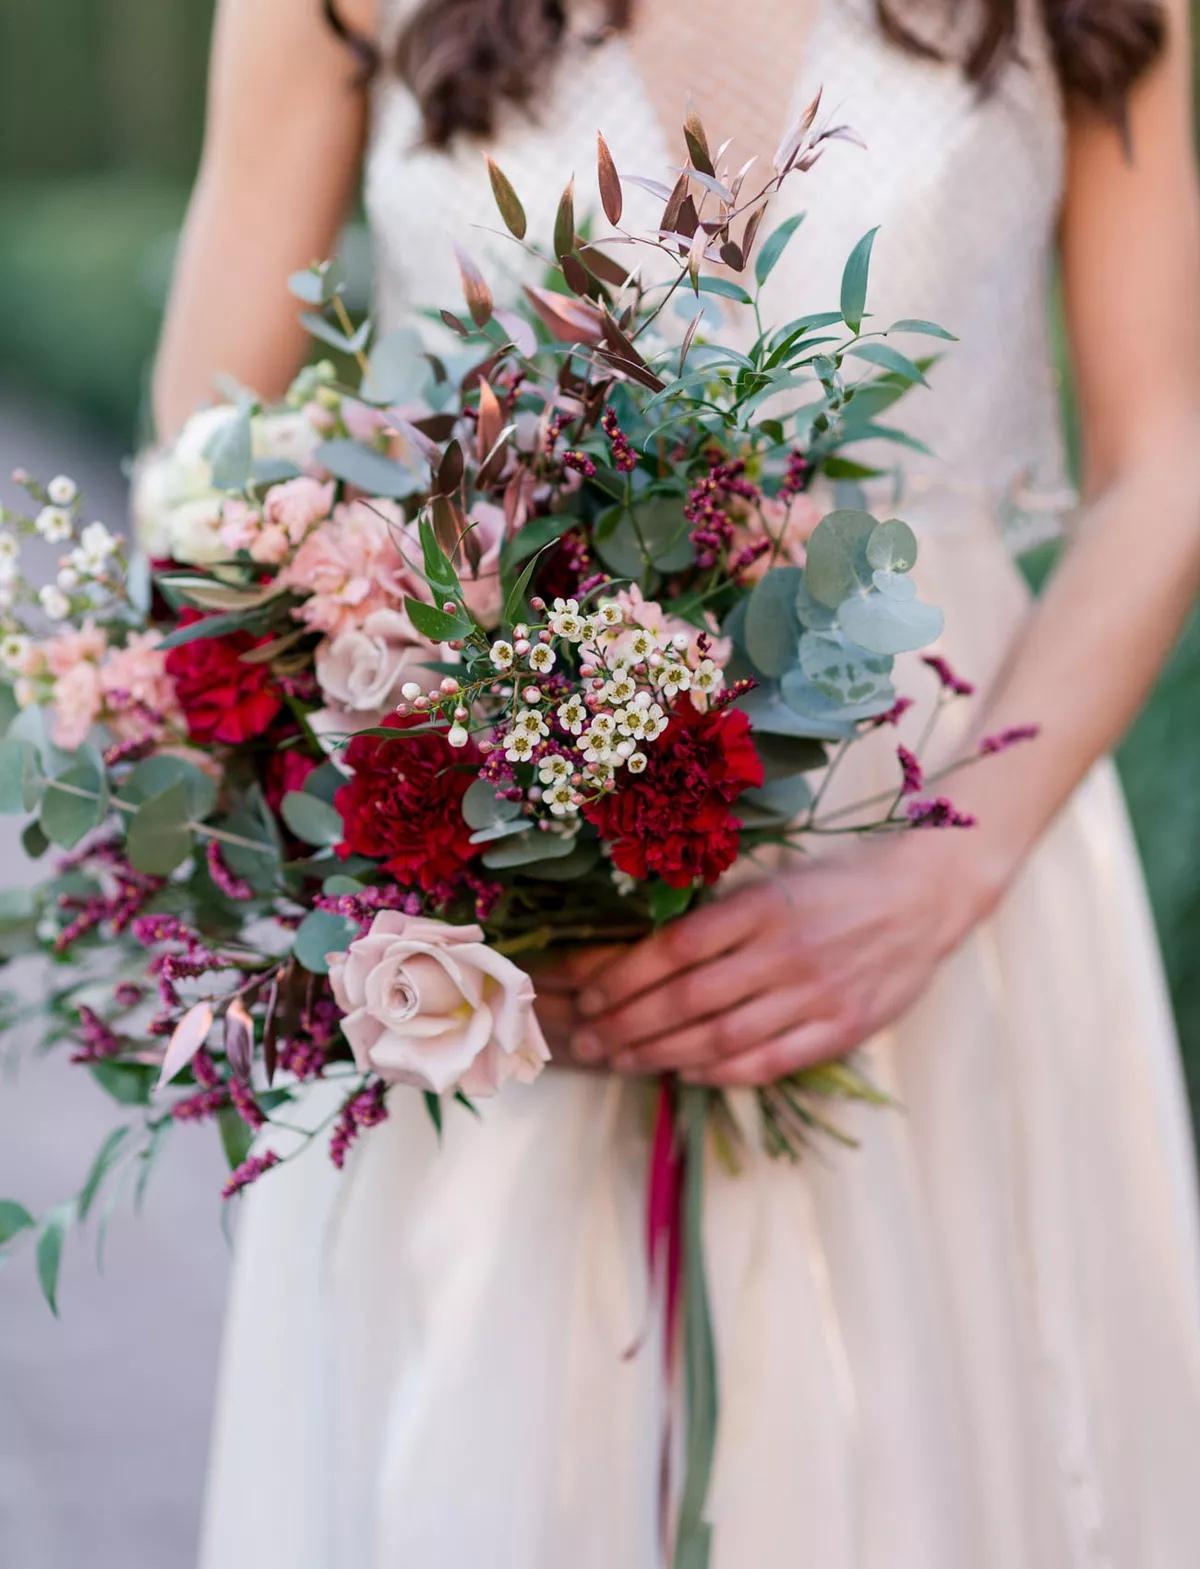 0I7ao2AECD8 - Свадебные букеты с гвоздиками - фото